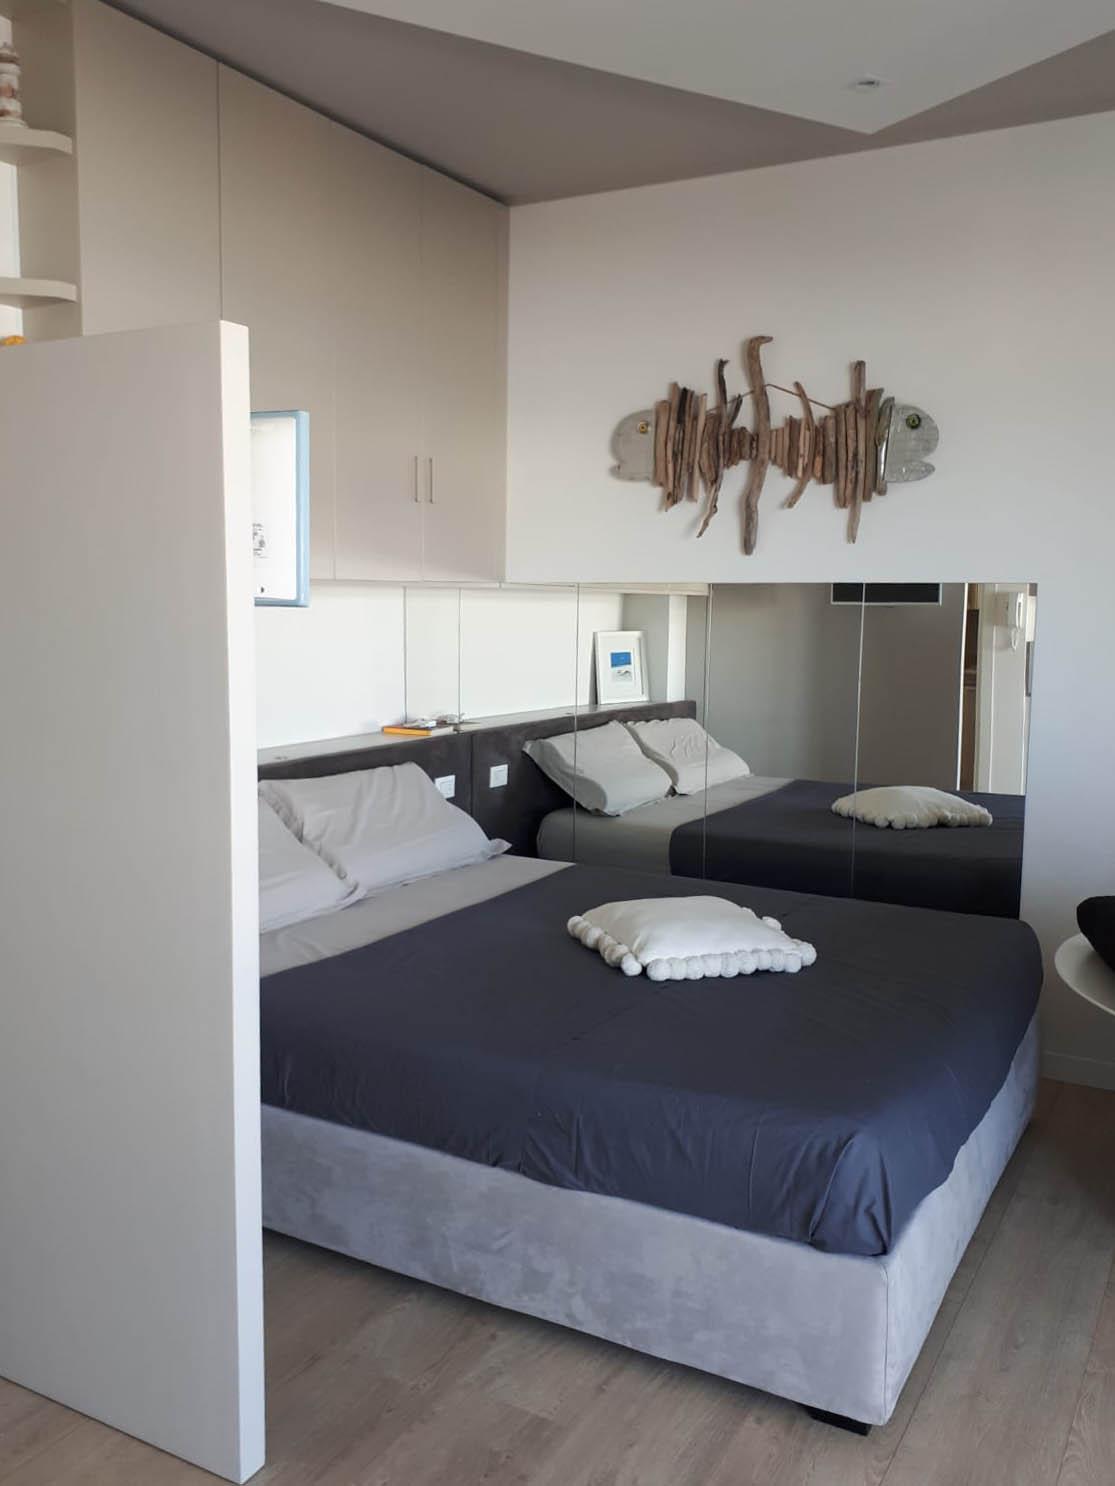 Arredo Completo Per Monolocale arredamento completo | progetto casa